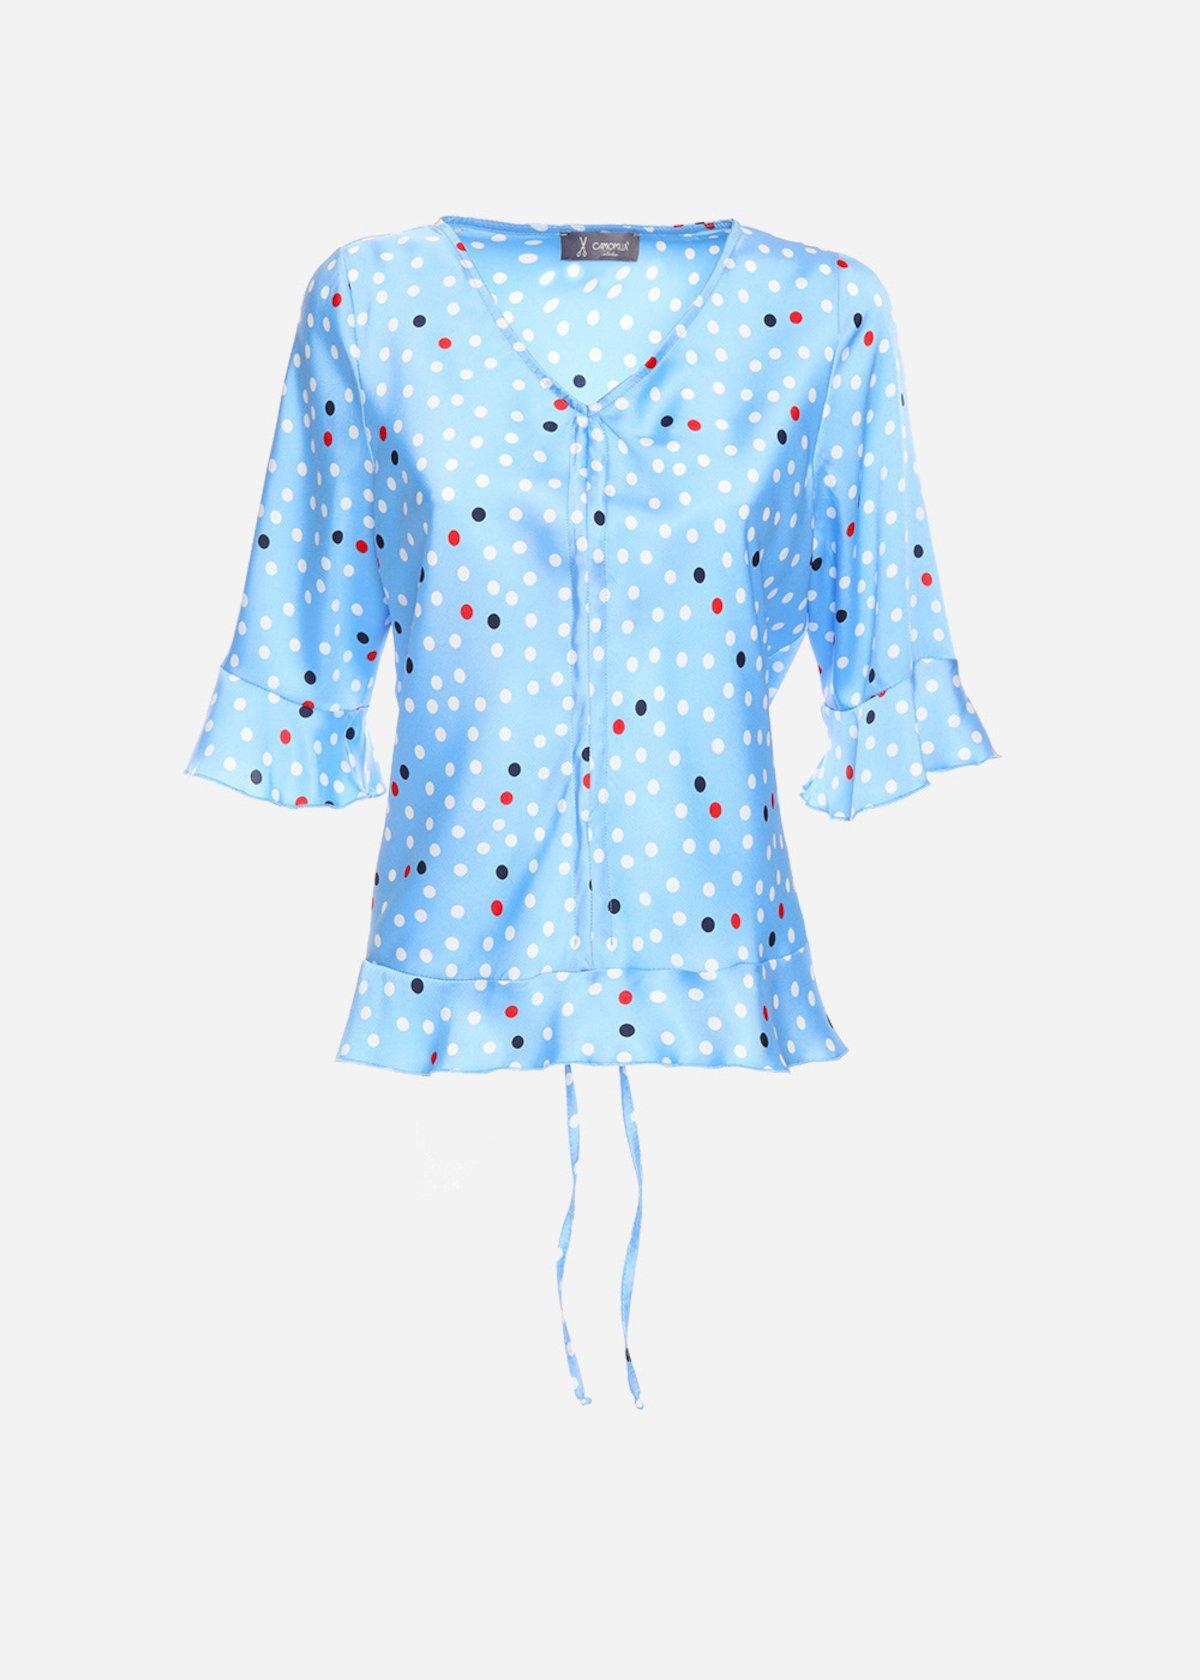 Samuela twill  t-shirt in polka dot with V-neck - Morning / Blue Pois